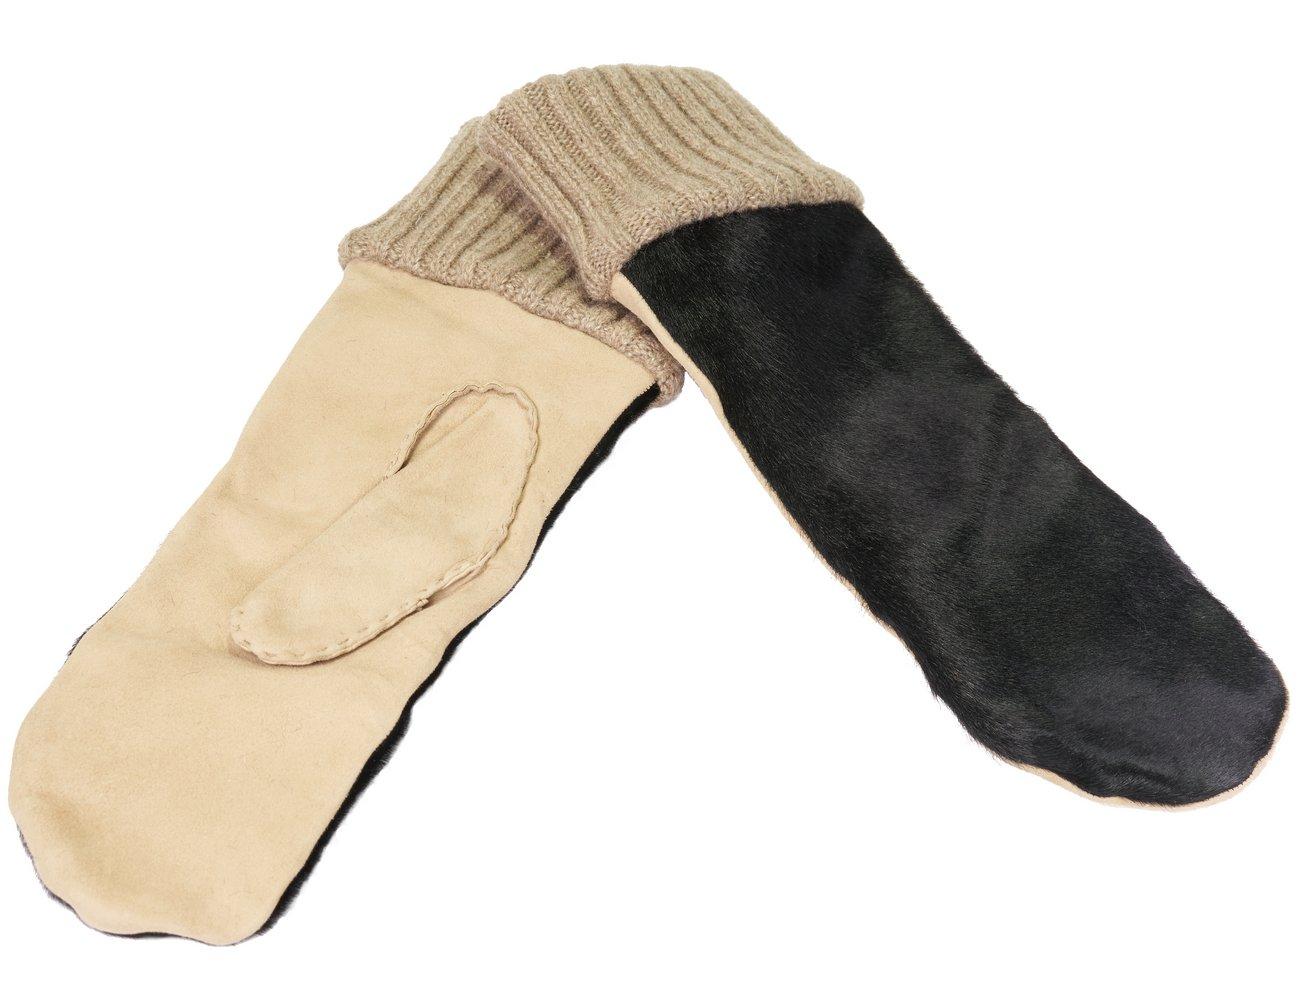 blackMedium Gloves Mitten MitaineMulticolorebone Merola Femme D2IEH9WY